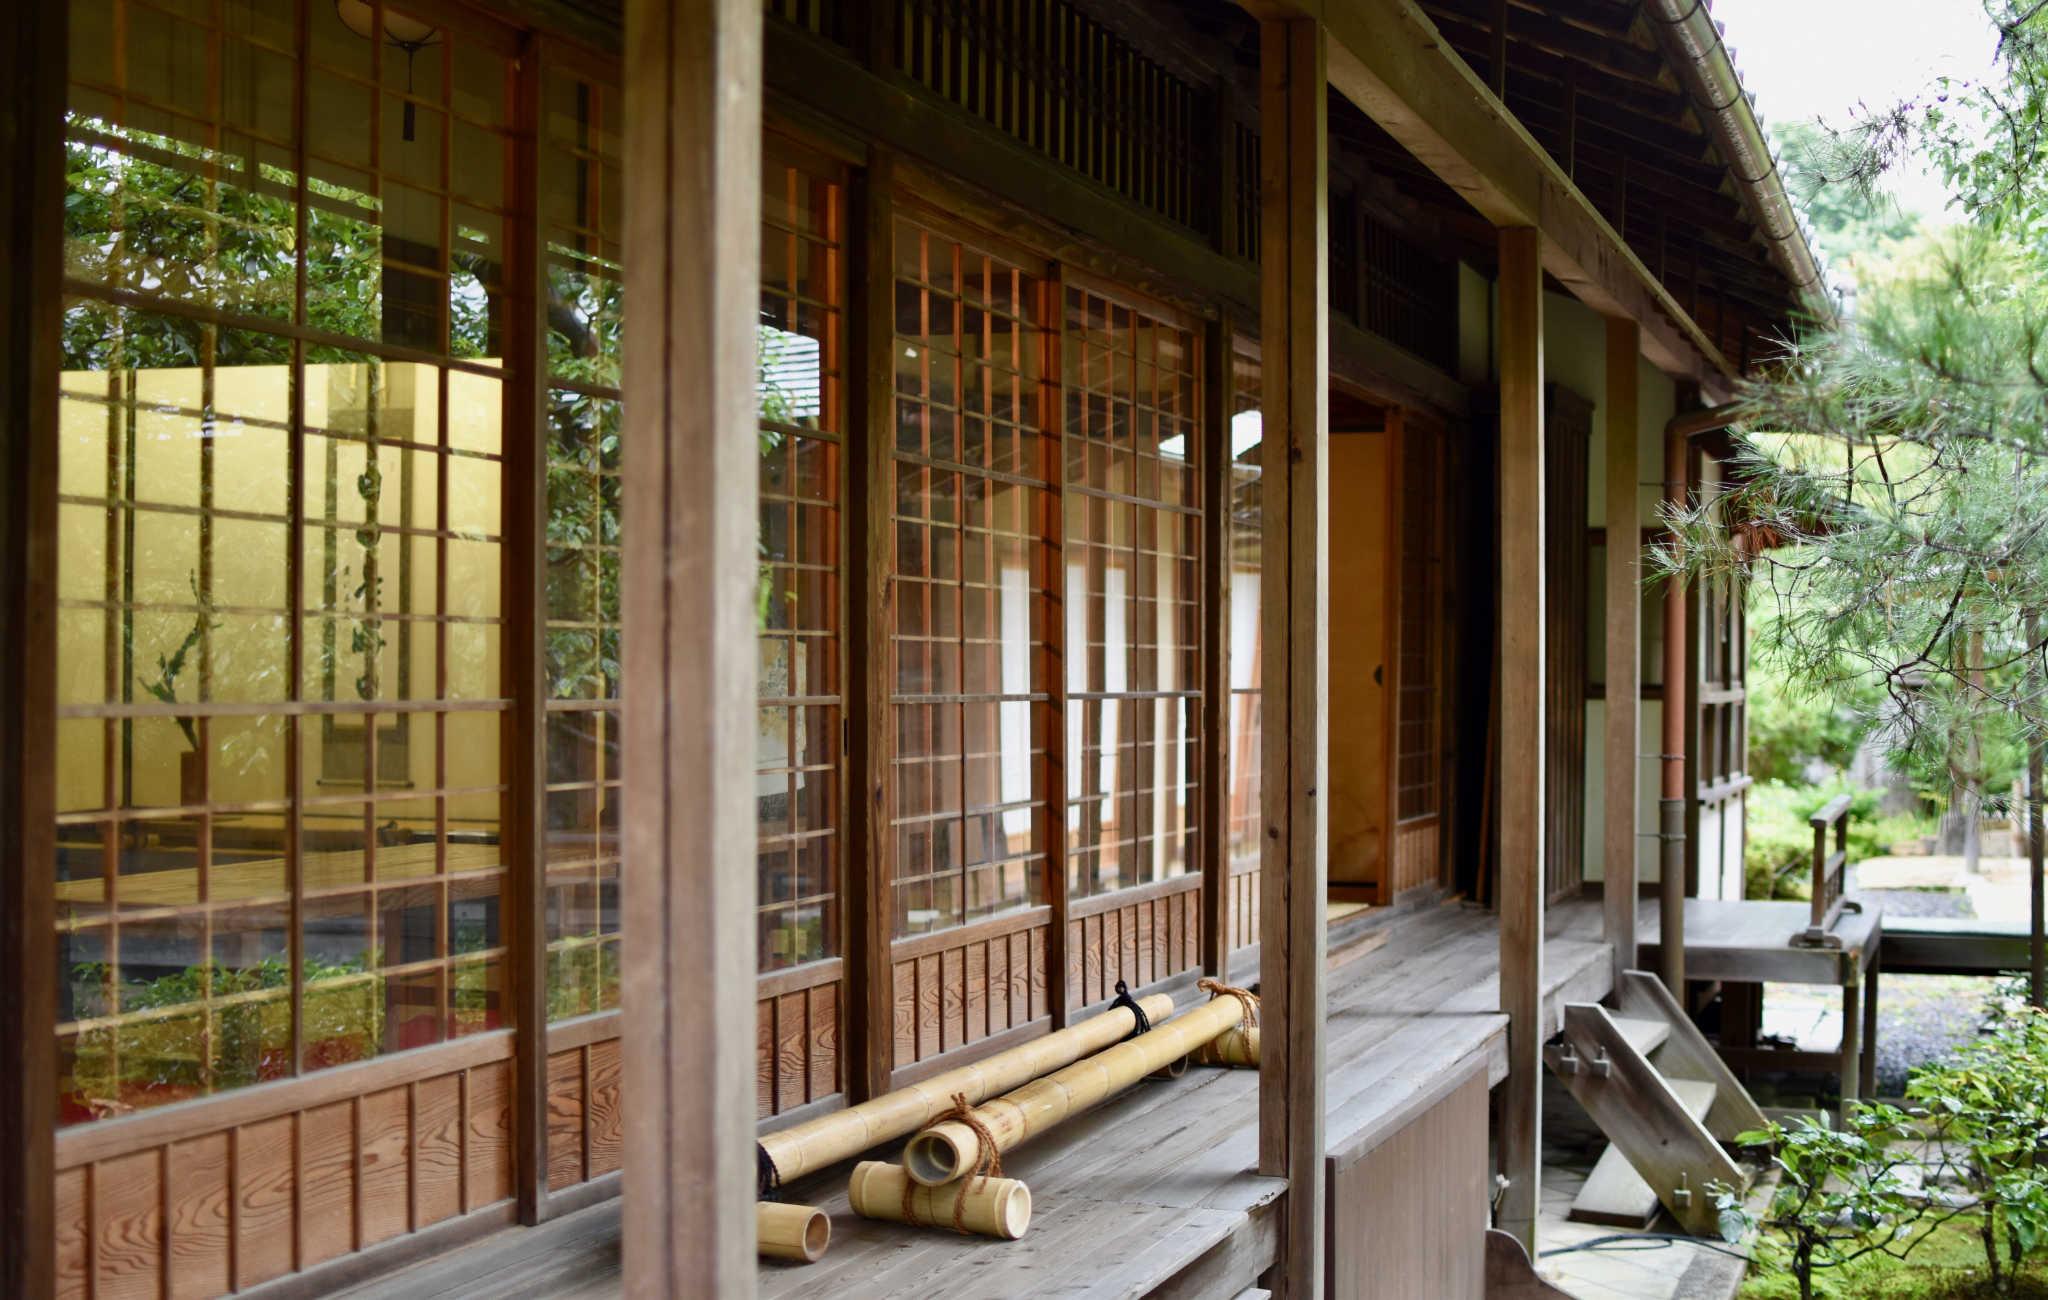 Une maison traditionnelle, avec ses panneaux coulissants